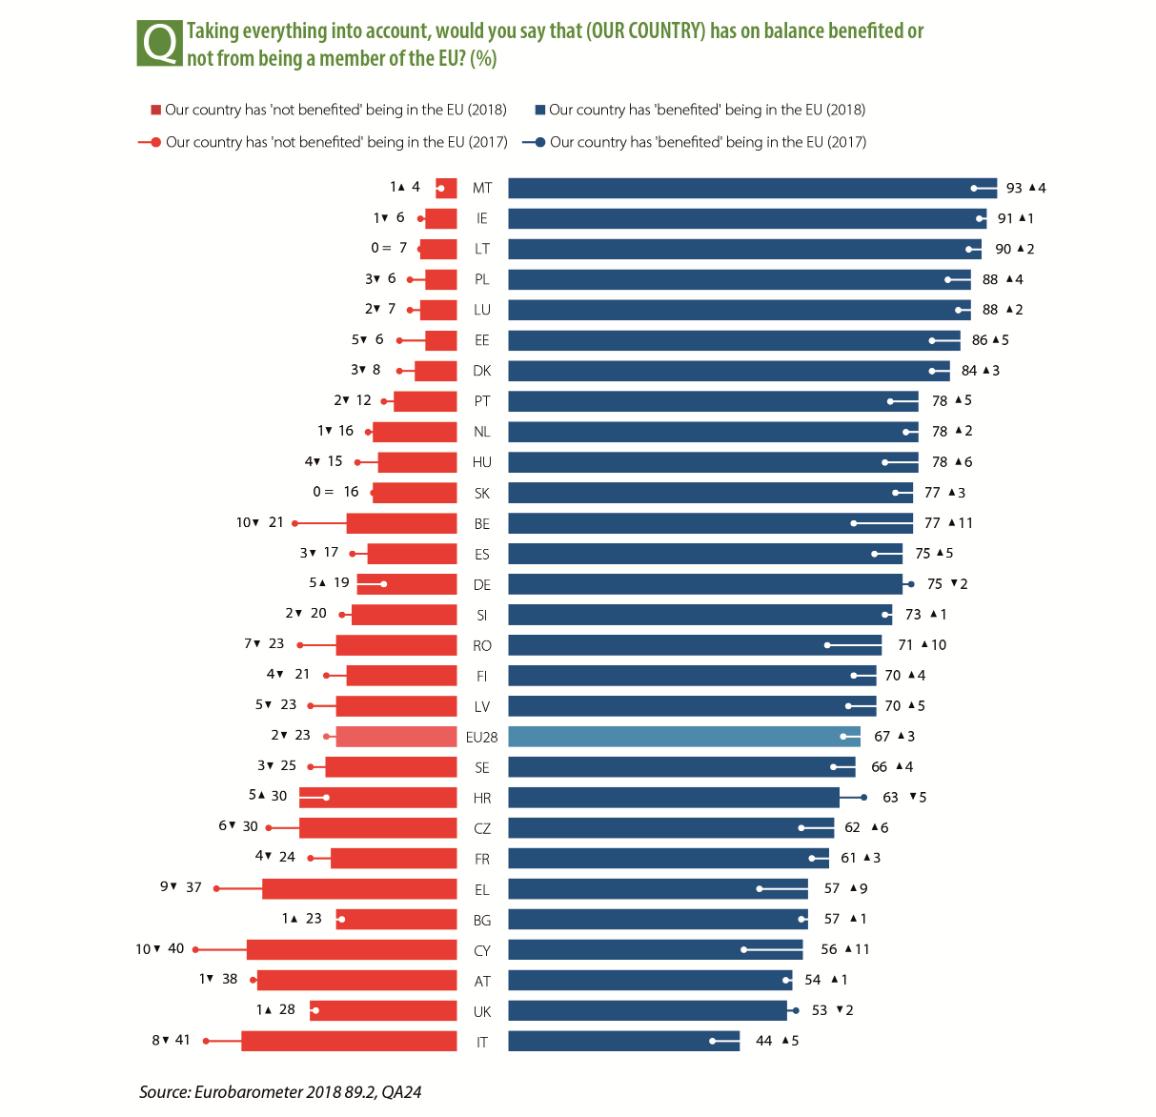 Benefit membership Eurobarometer